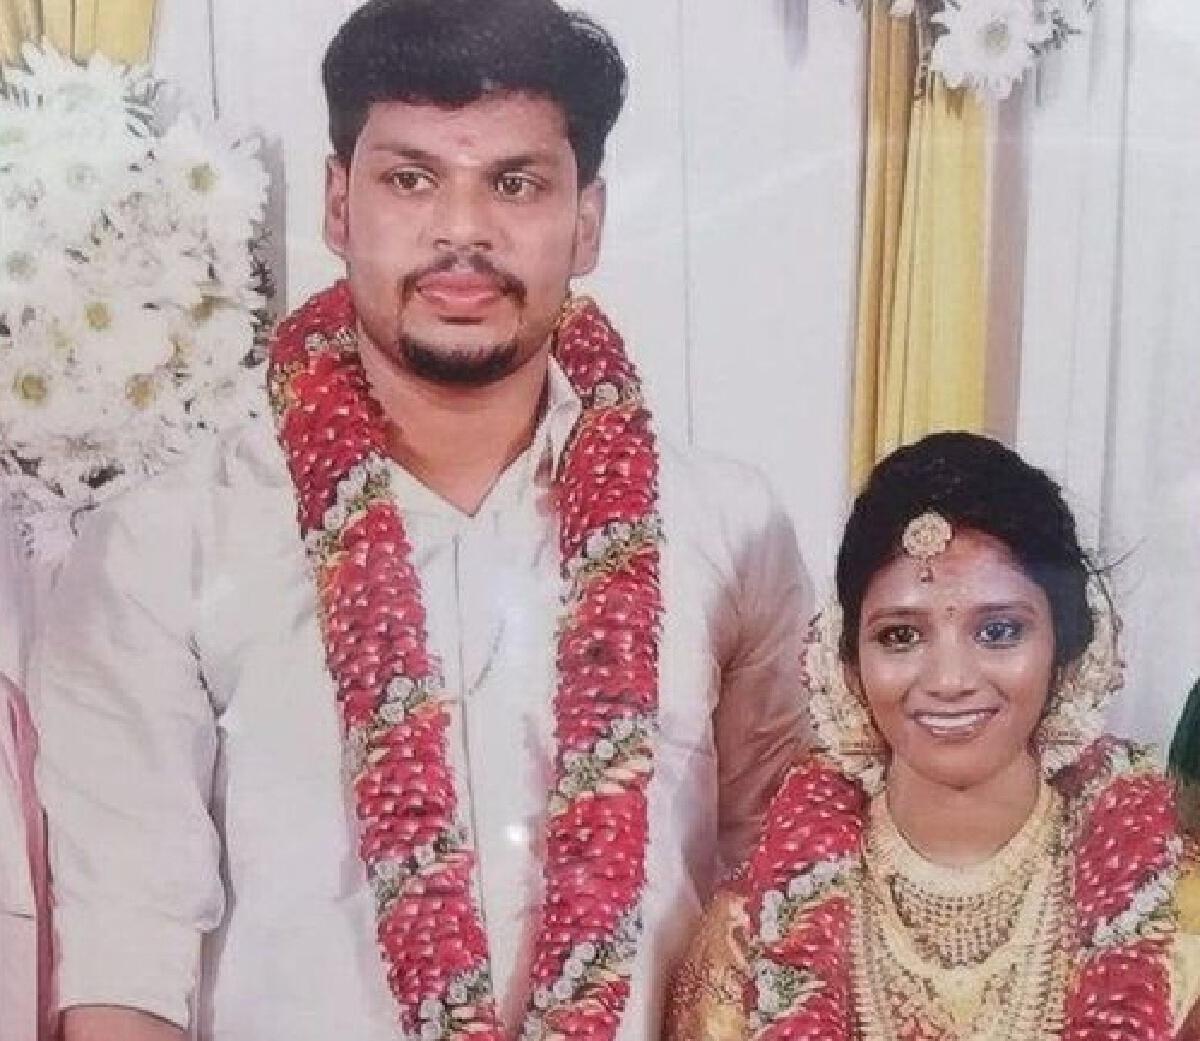 หนุ่มอินเดีย ใช้งูพิษสังหารเมีย แต่จัดฉากให้ดูเป็นอุบัติเหตุ